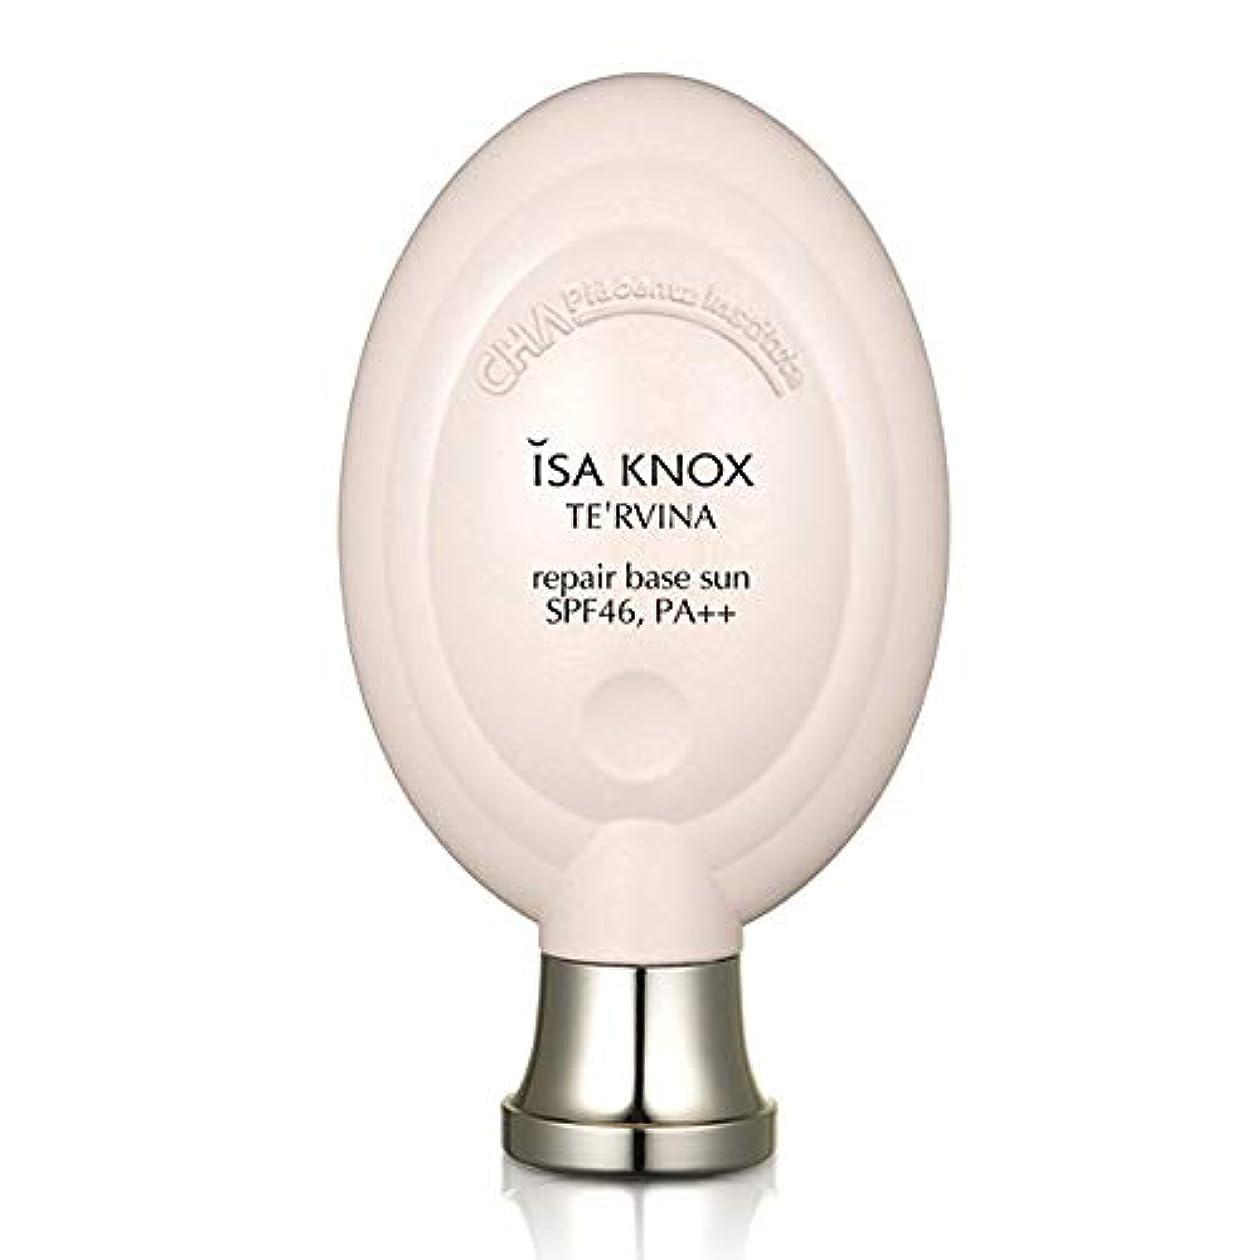 急襲窓を洗うバイナリイザノックス(ISA KNOX) テルビナ リペアベースサン(日焼け止めクリーム)